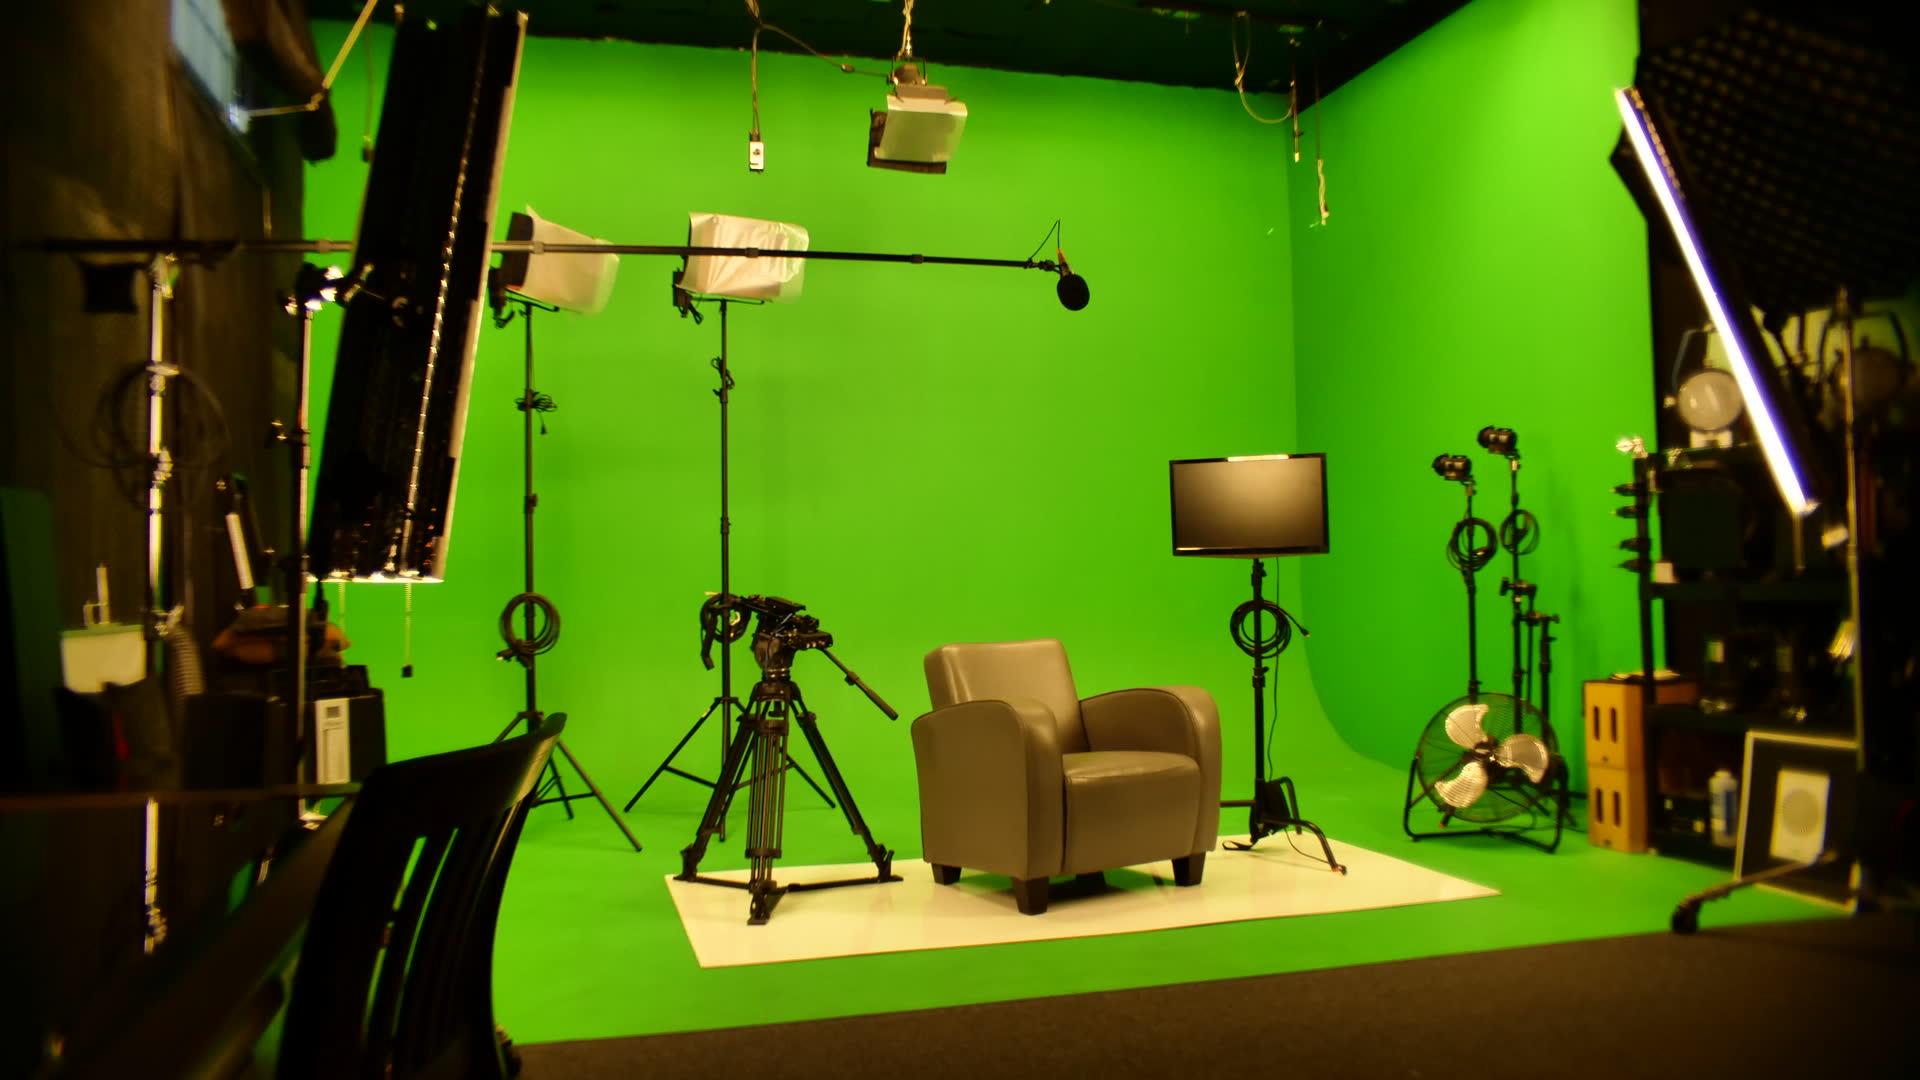 Press Event venues